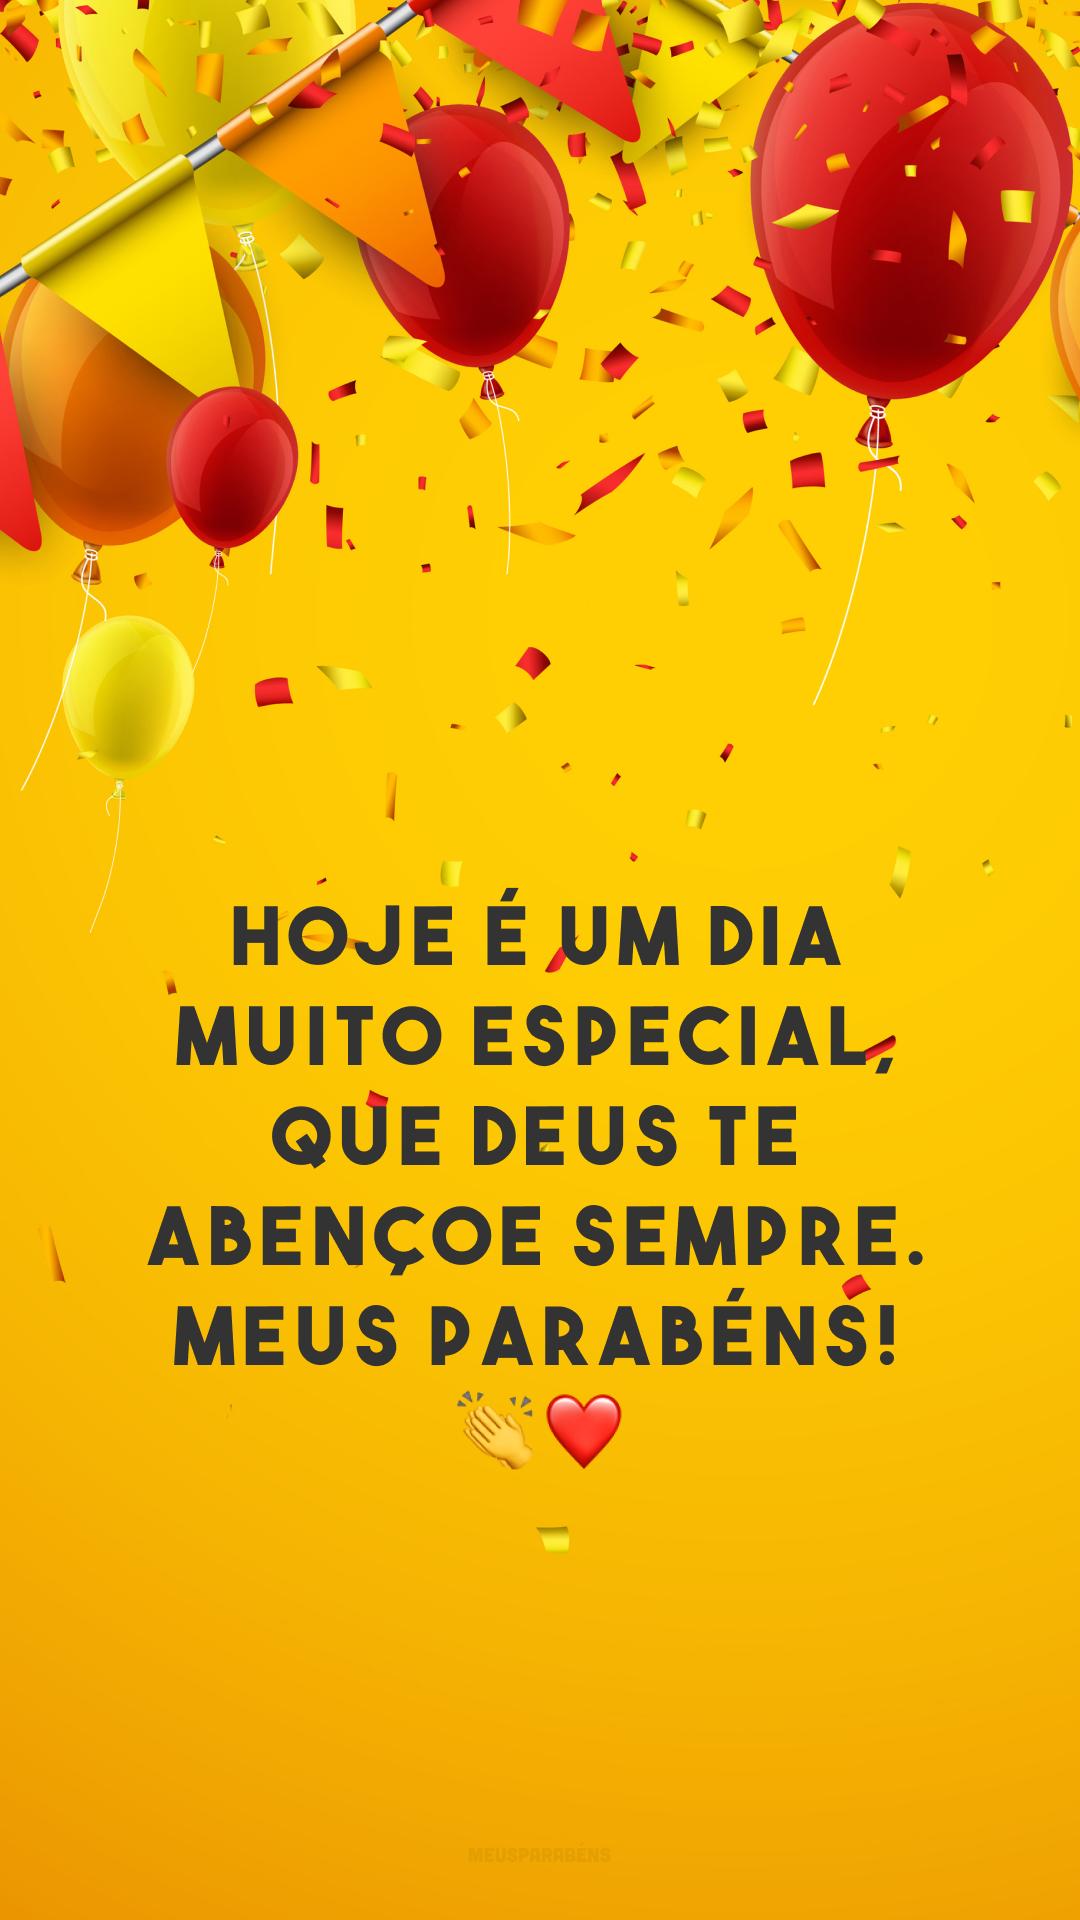 Hoje é um dia muito especial, que Deus te abençoe sempre. Meus parabéns! ?❤